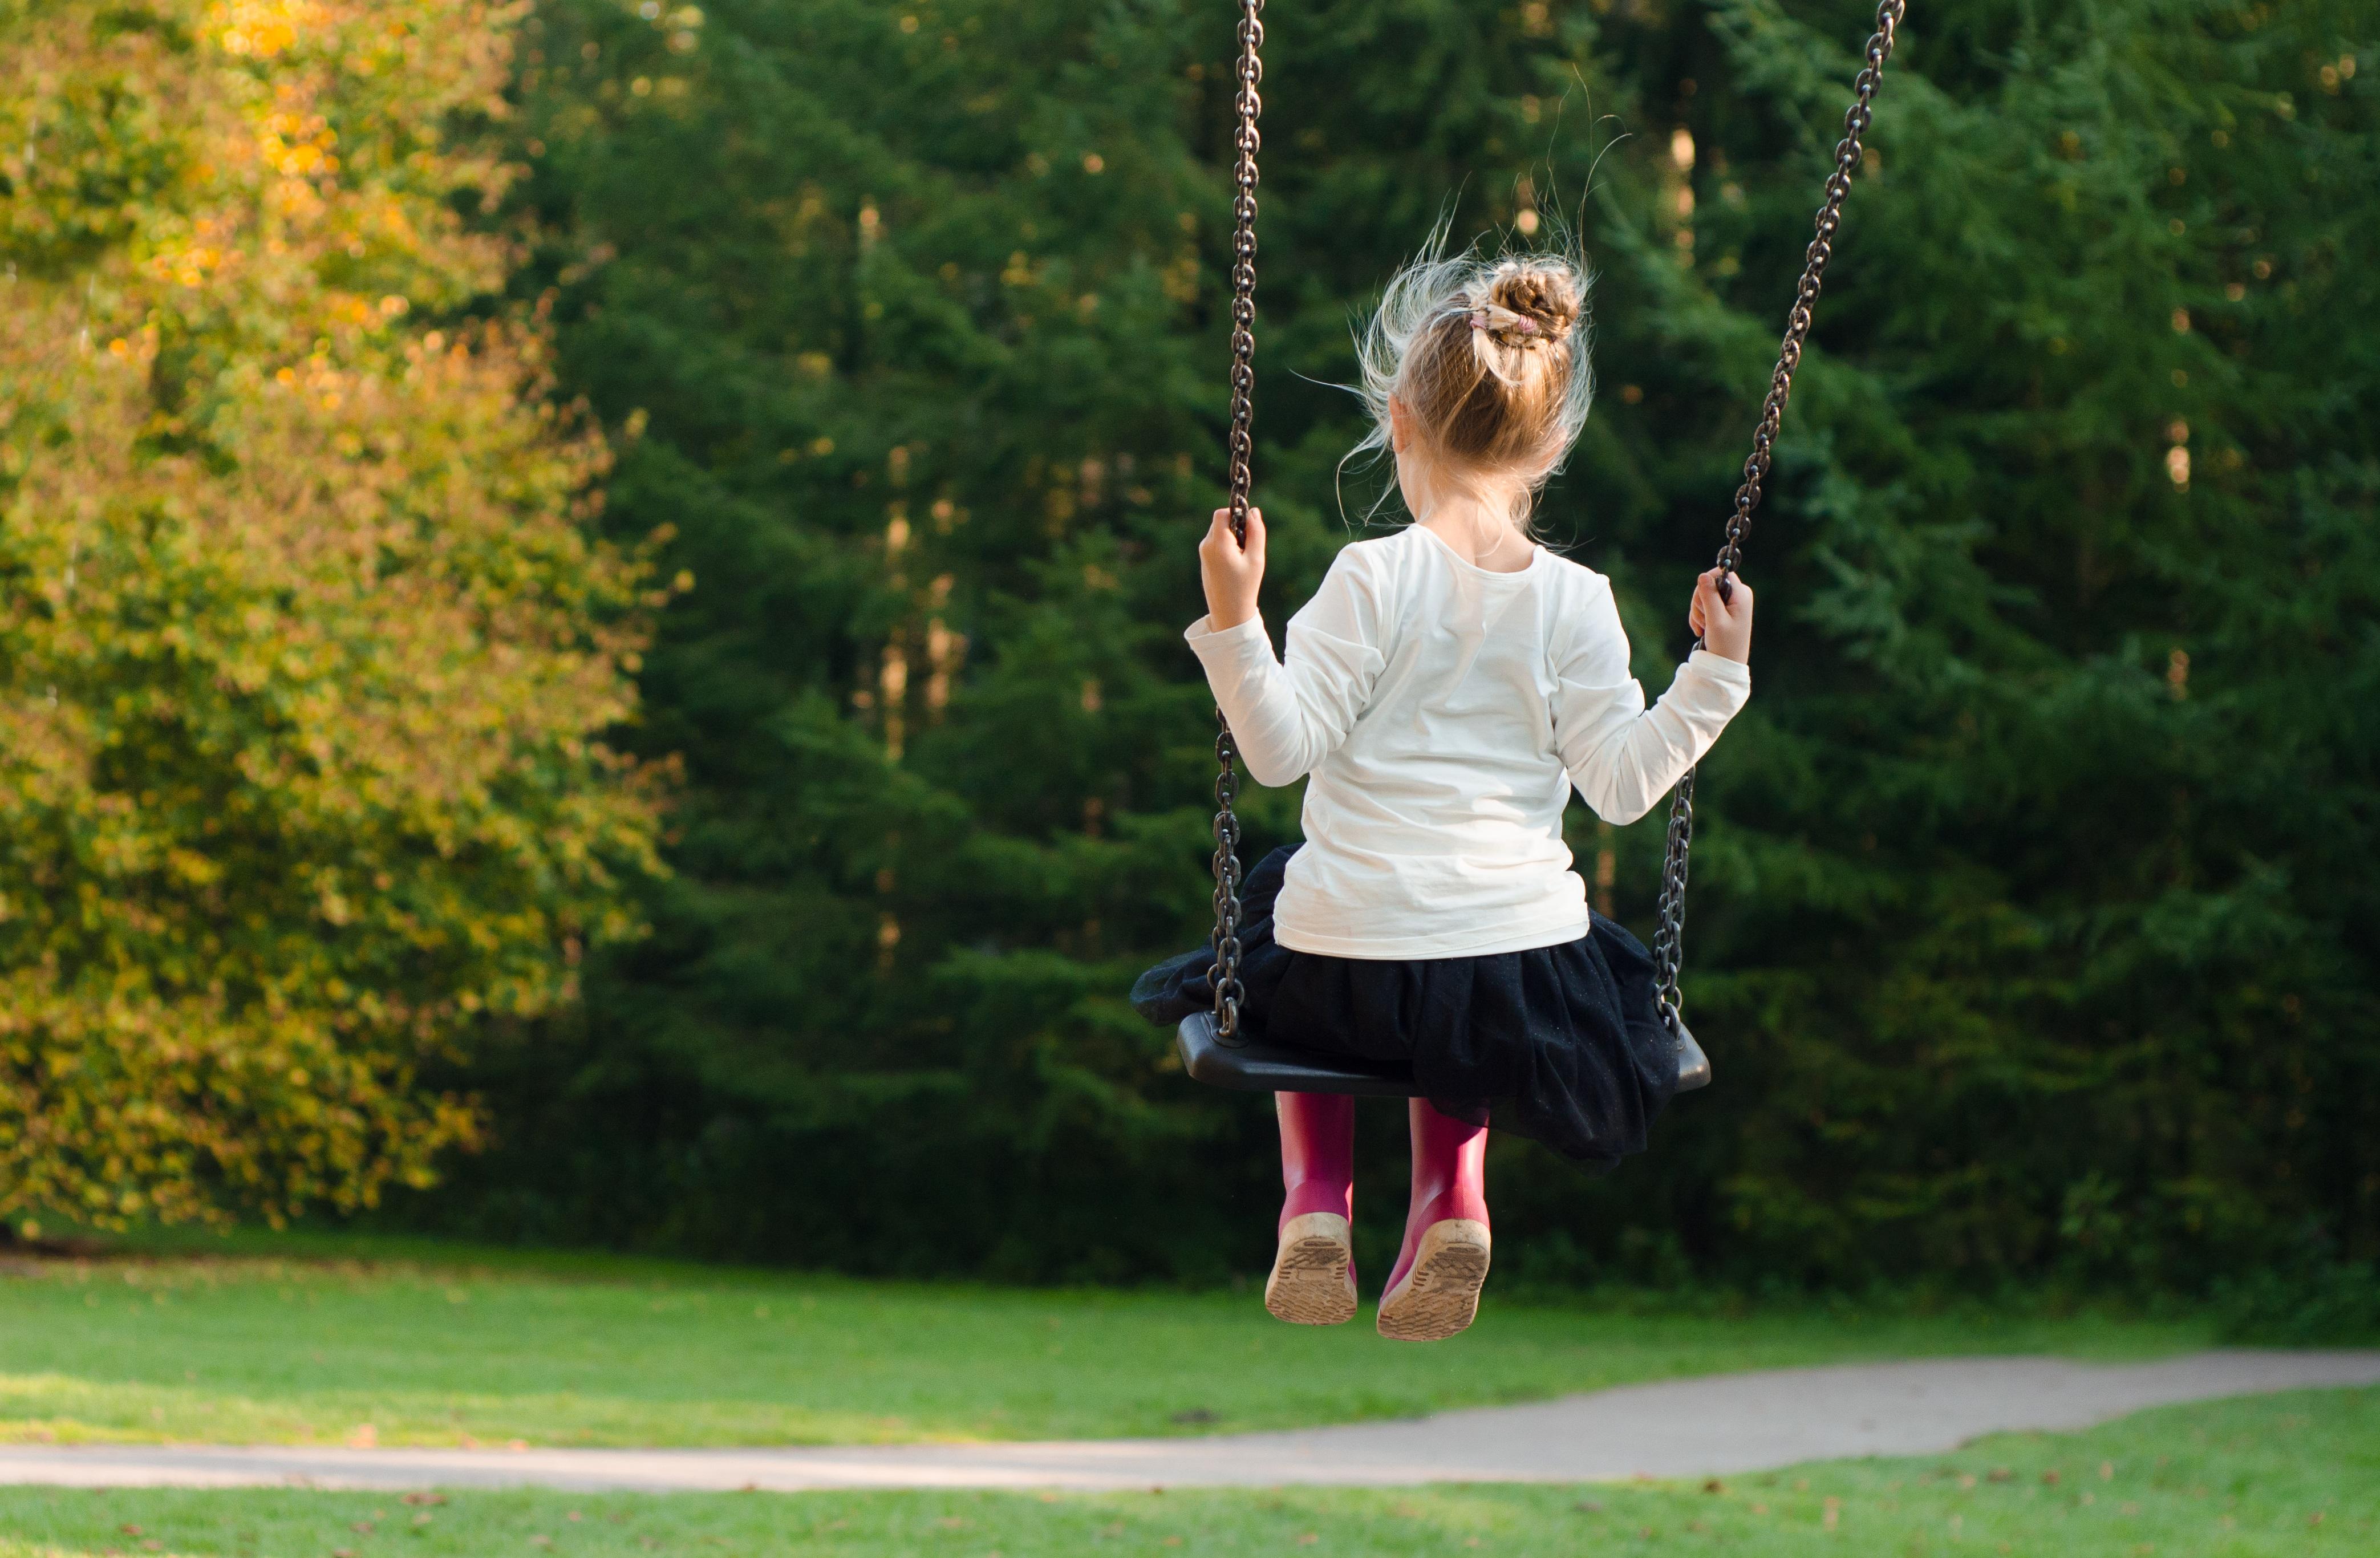 Boş zaman nedir Yetişkin ve çocuk eğlence